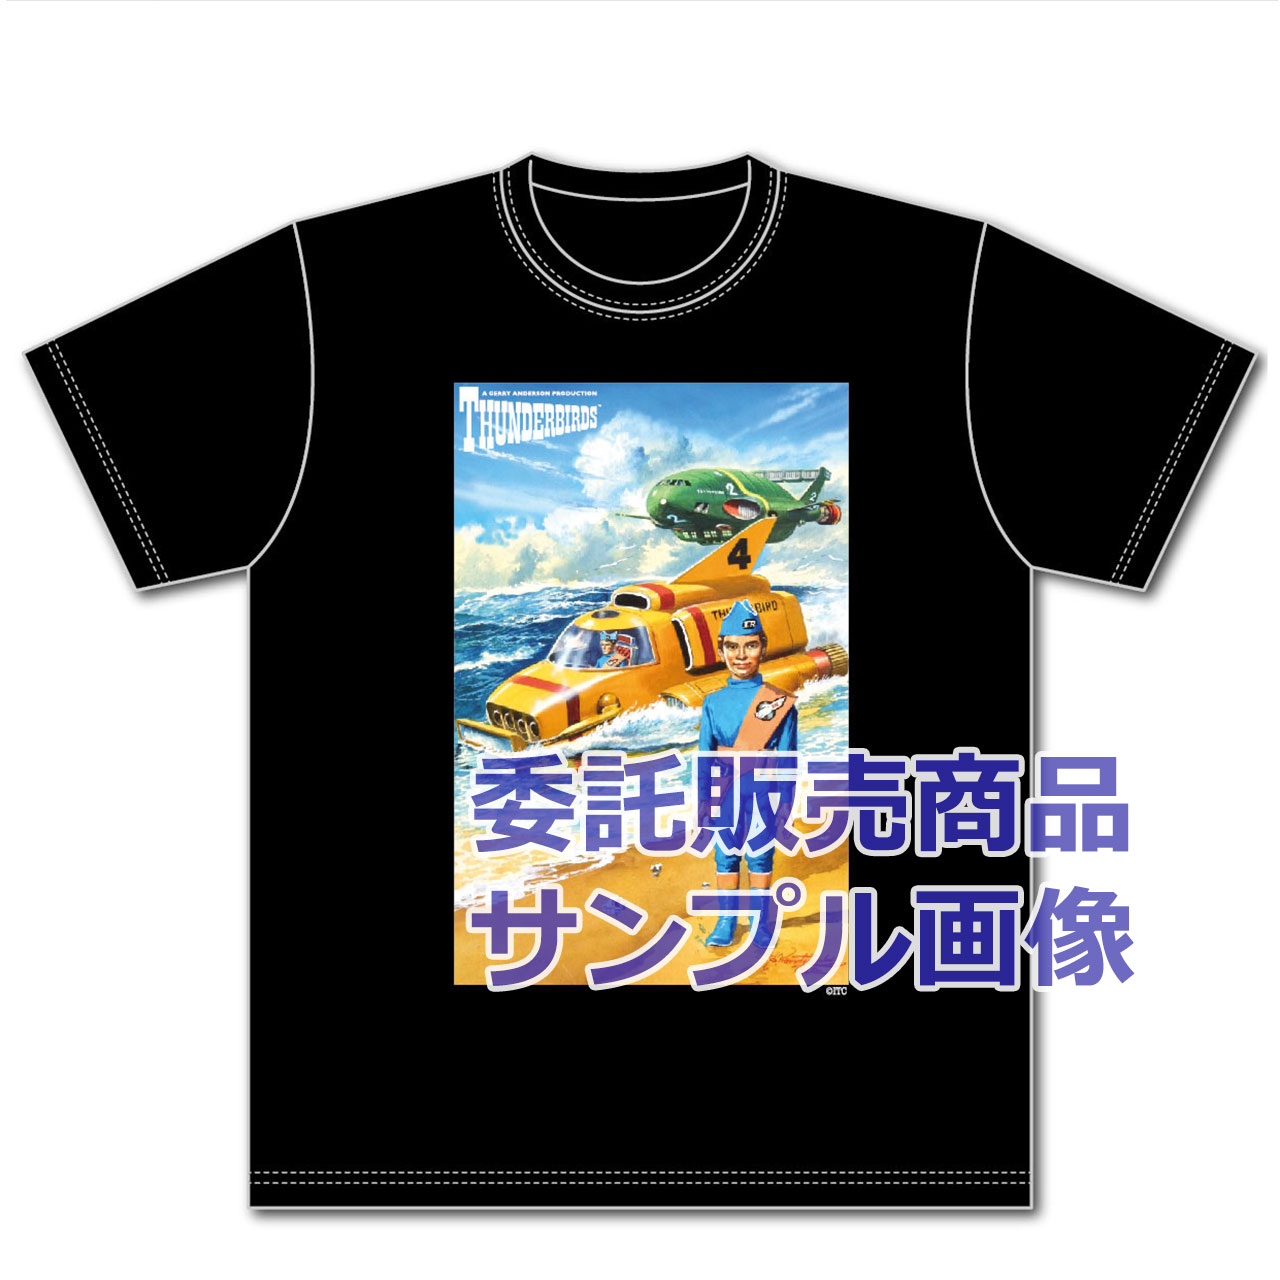 「サンダーバード」Tシャツ4号黒